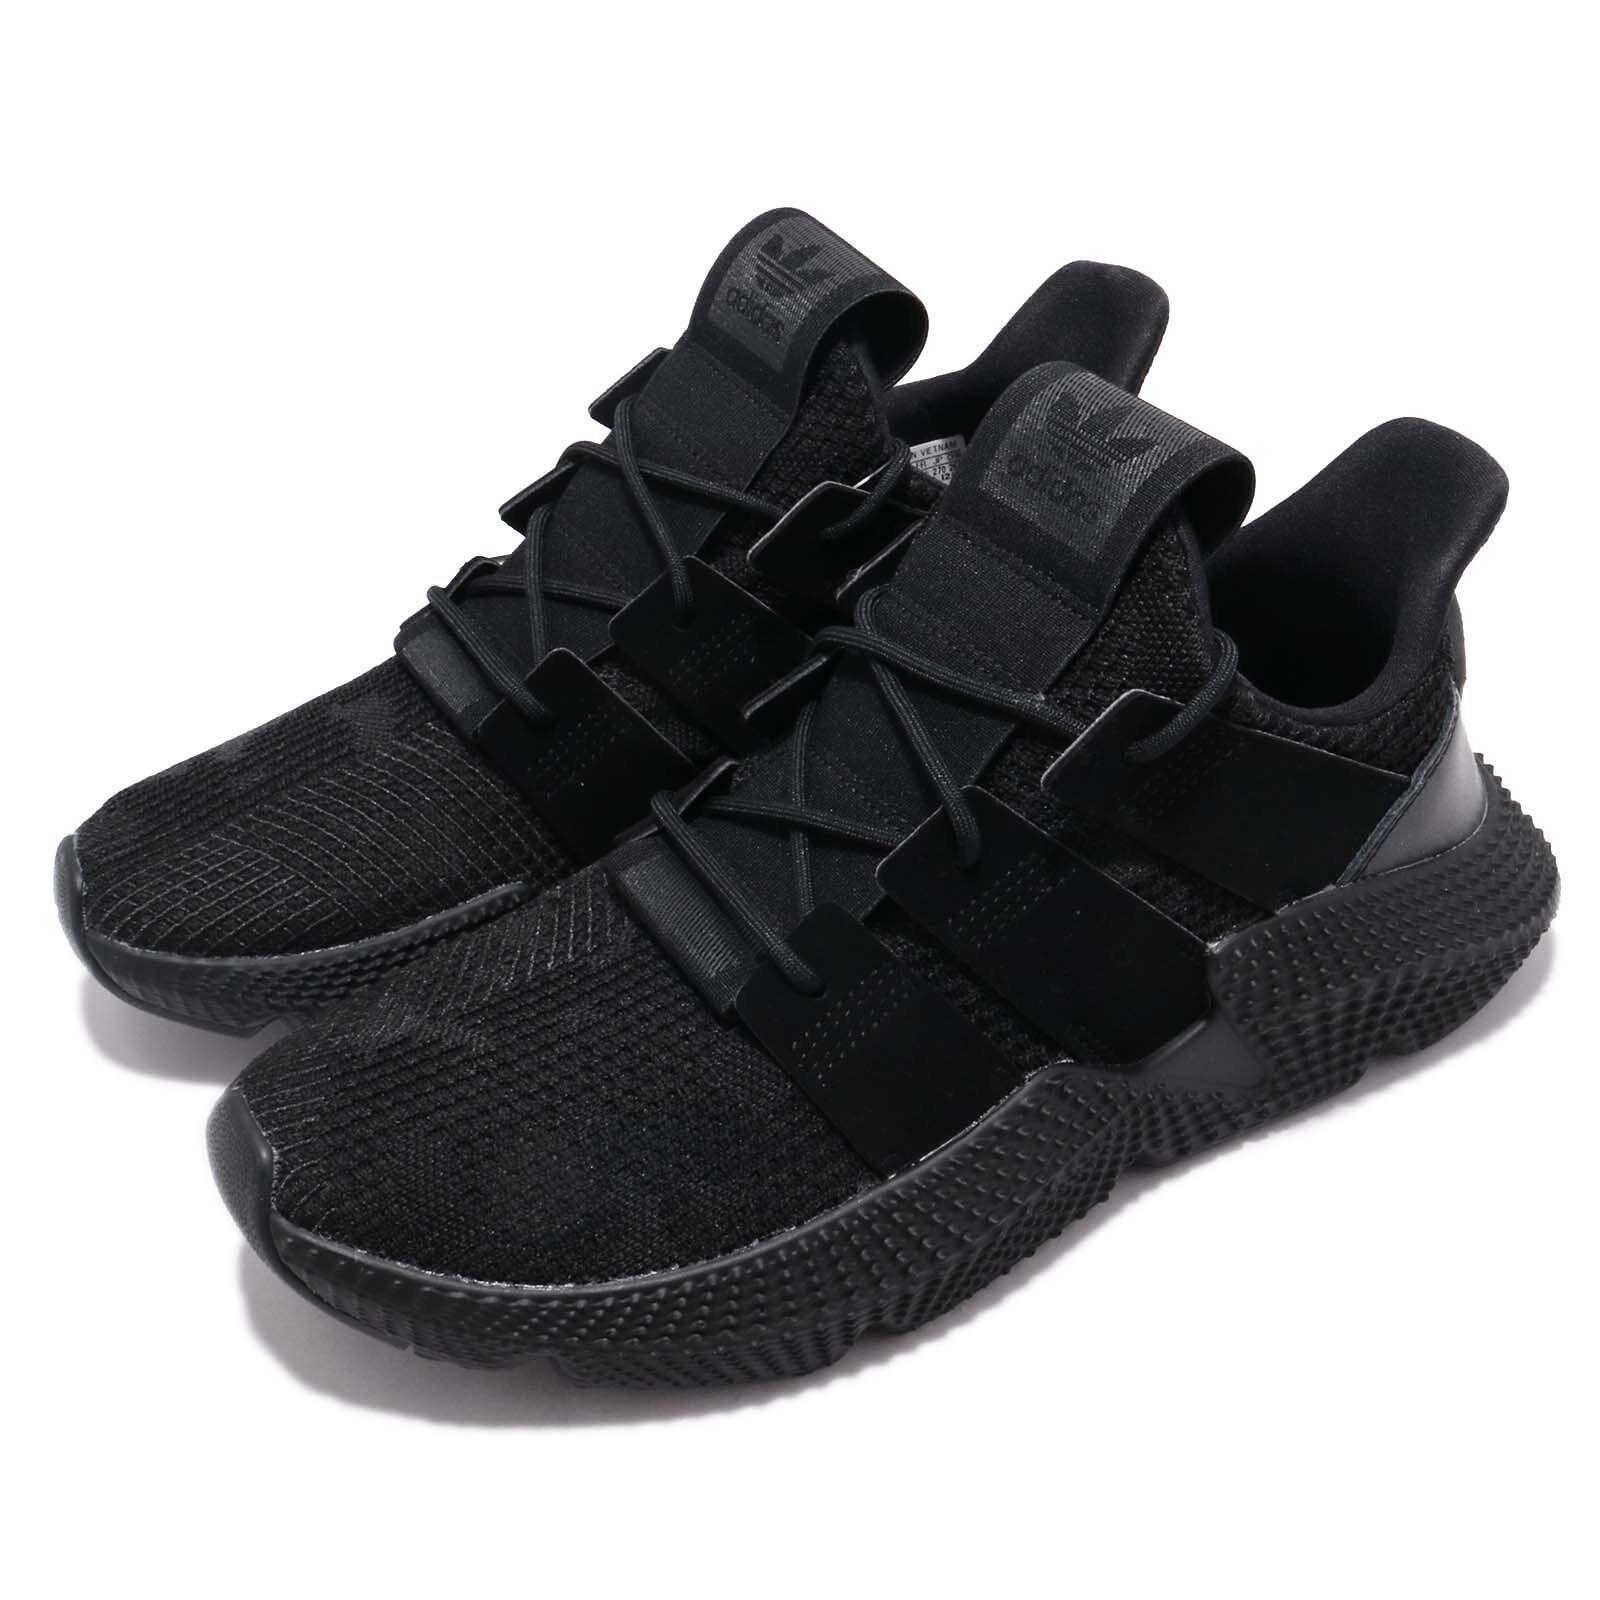 Adidas Originales prophere Negro para Hombre Correr Tenis para zapato de estilo de vida informal DB2706